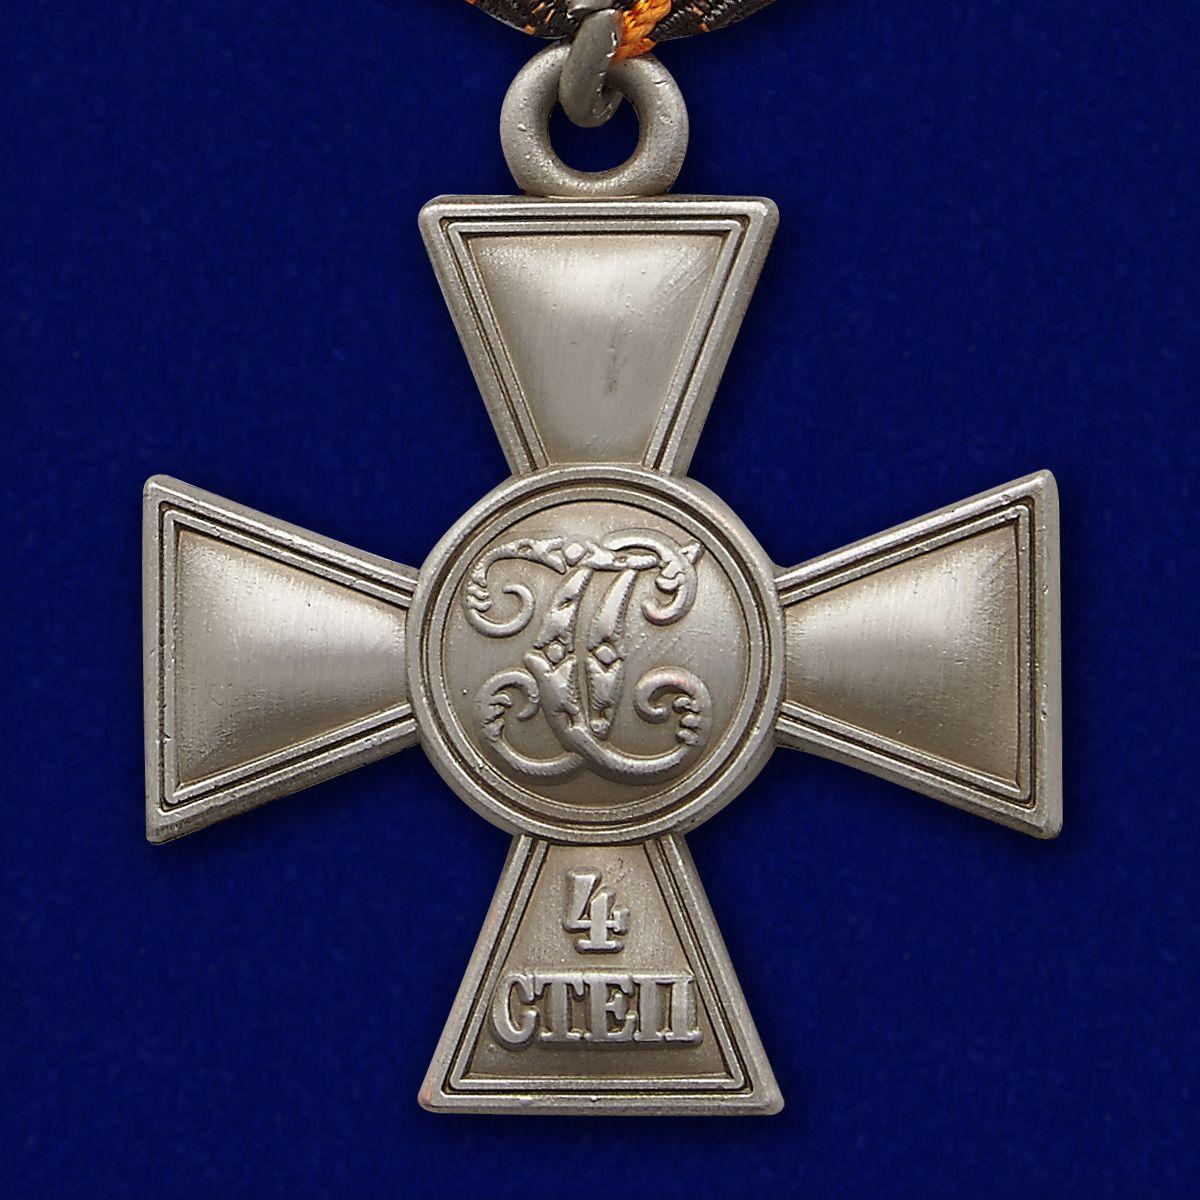 Георгиевский крест IV степени - оборотная сторона